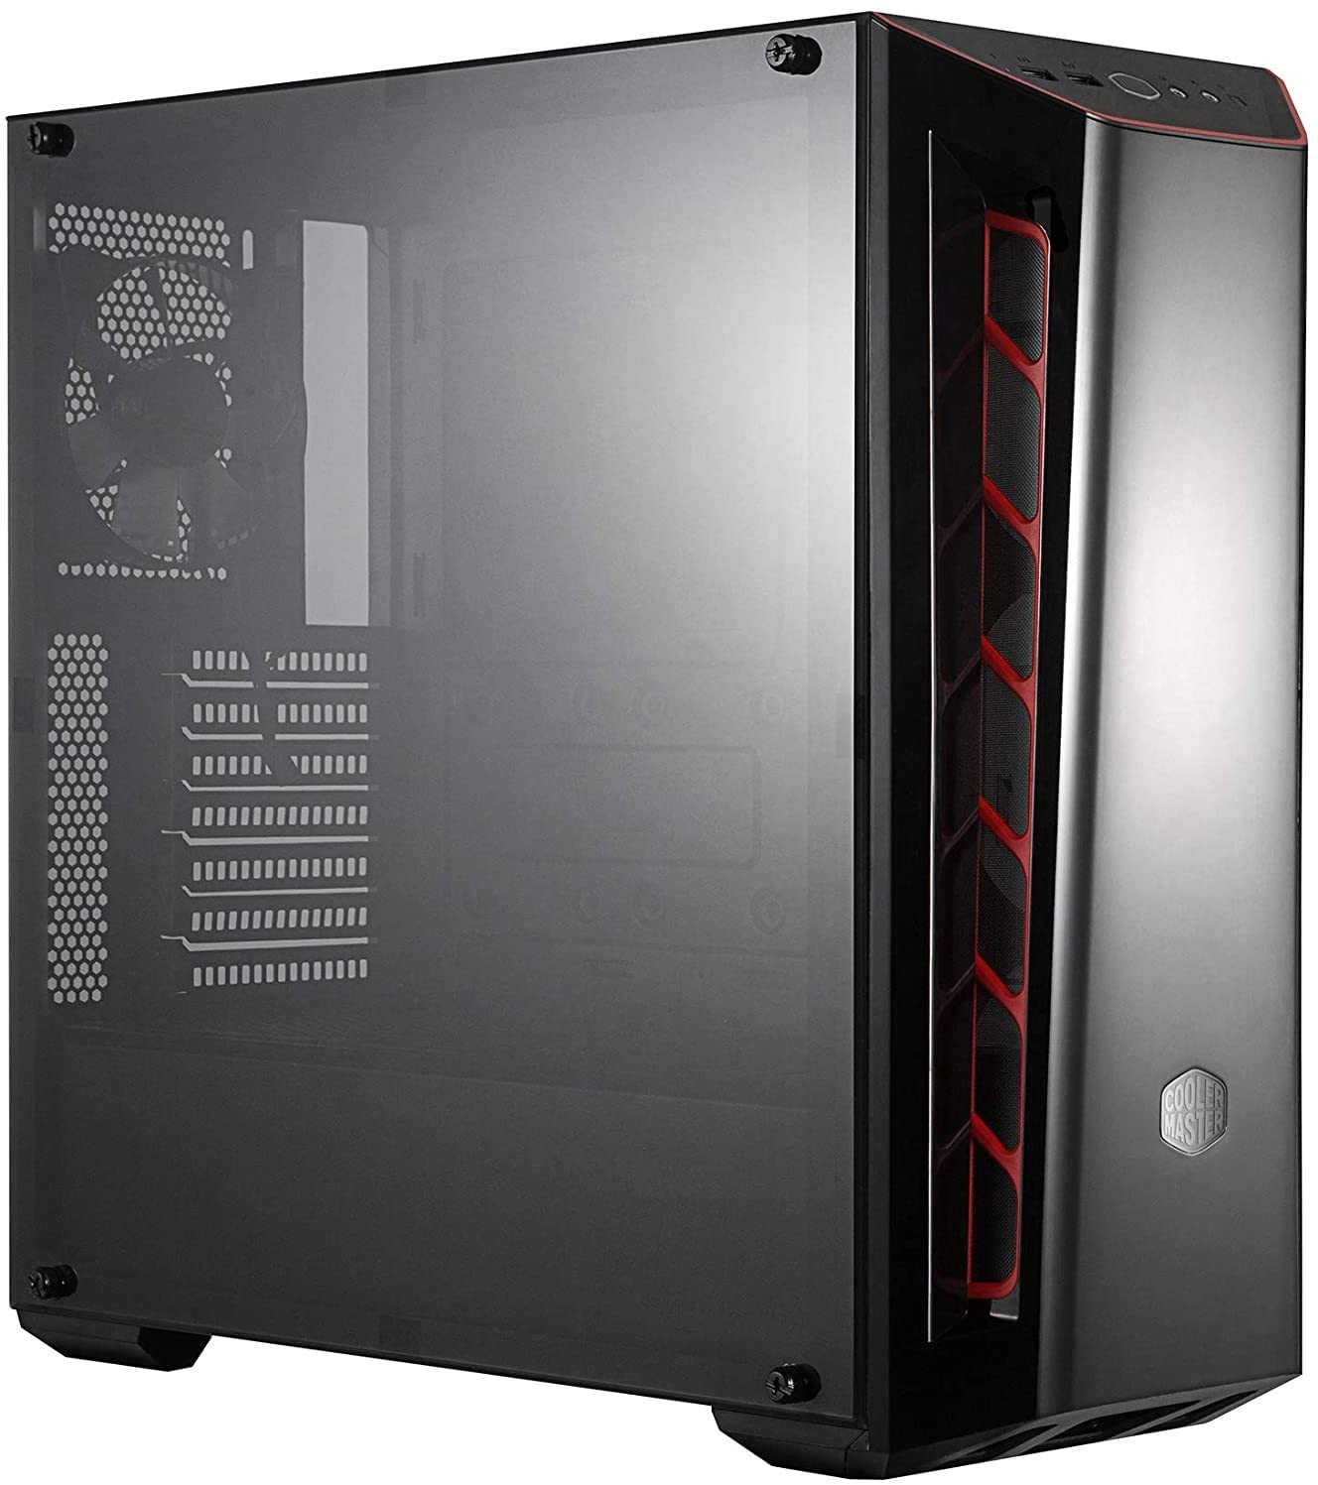 Cooler Master MasterBox MB520 Caja PC ATX Panel Frontal Tintado, Entradas de Aire, Panel Lateral Transparente, Configuraciones Flujo de Aire Flexible, Ingestas en Rojo